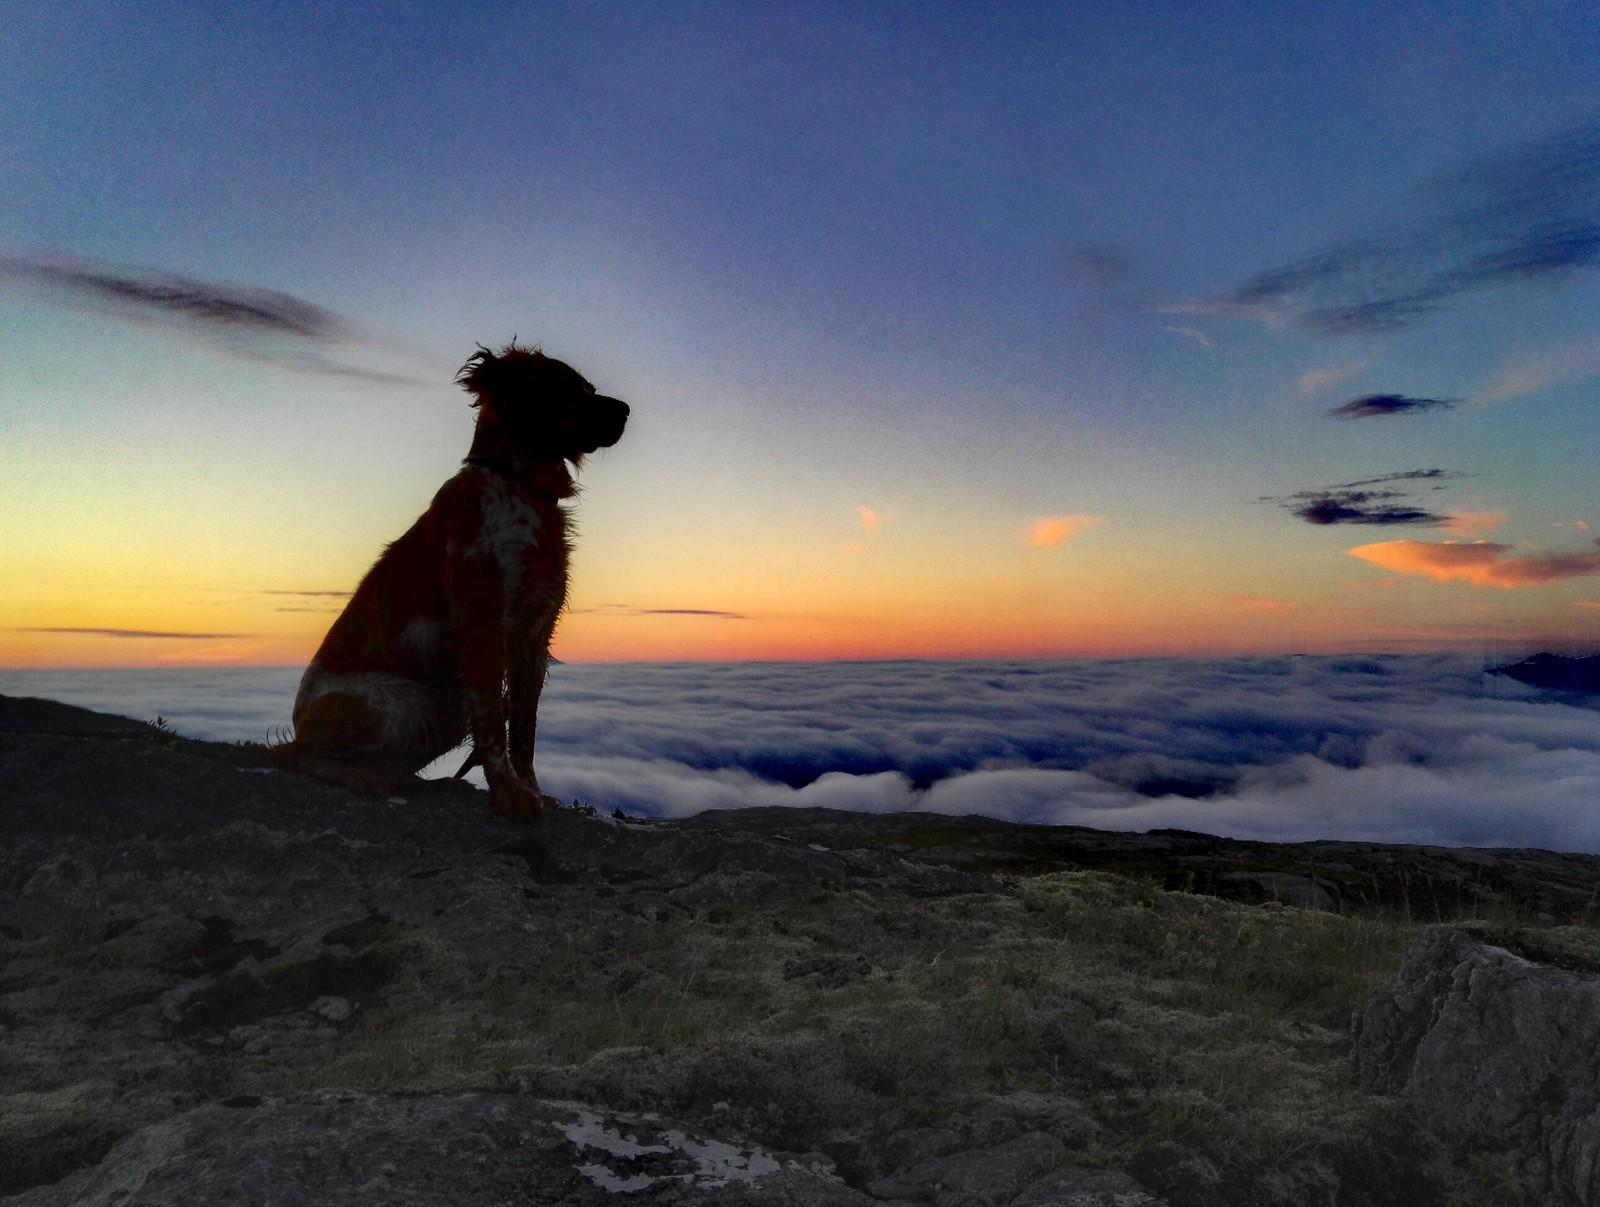 Fuglehund i solnedgang. Davik.